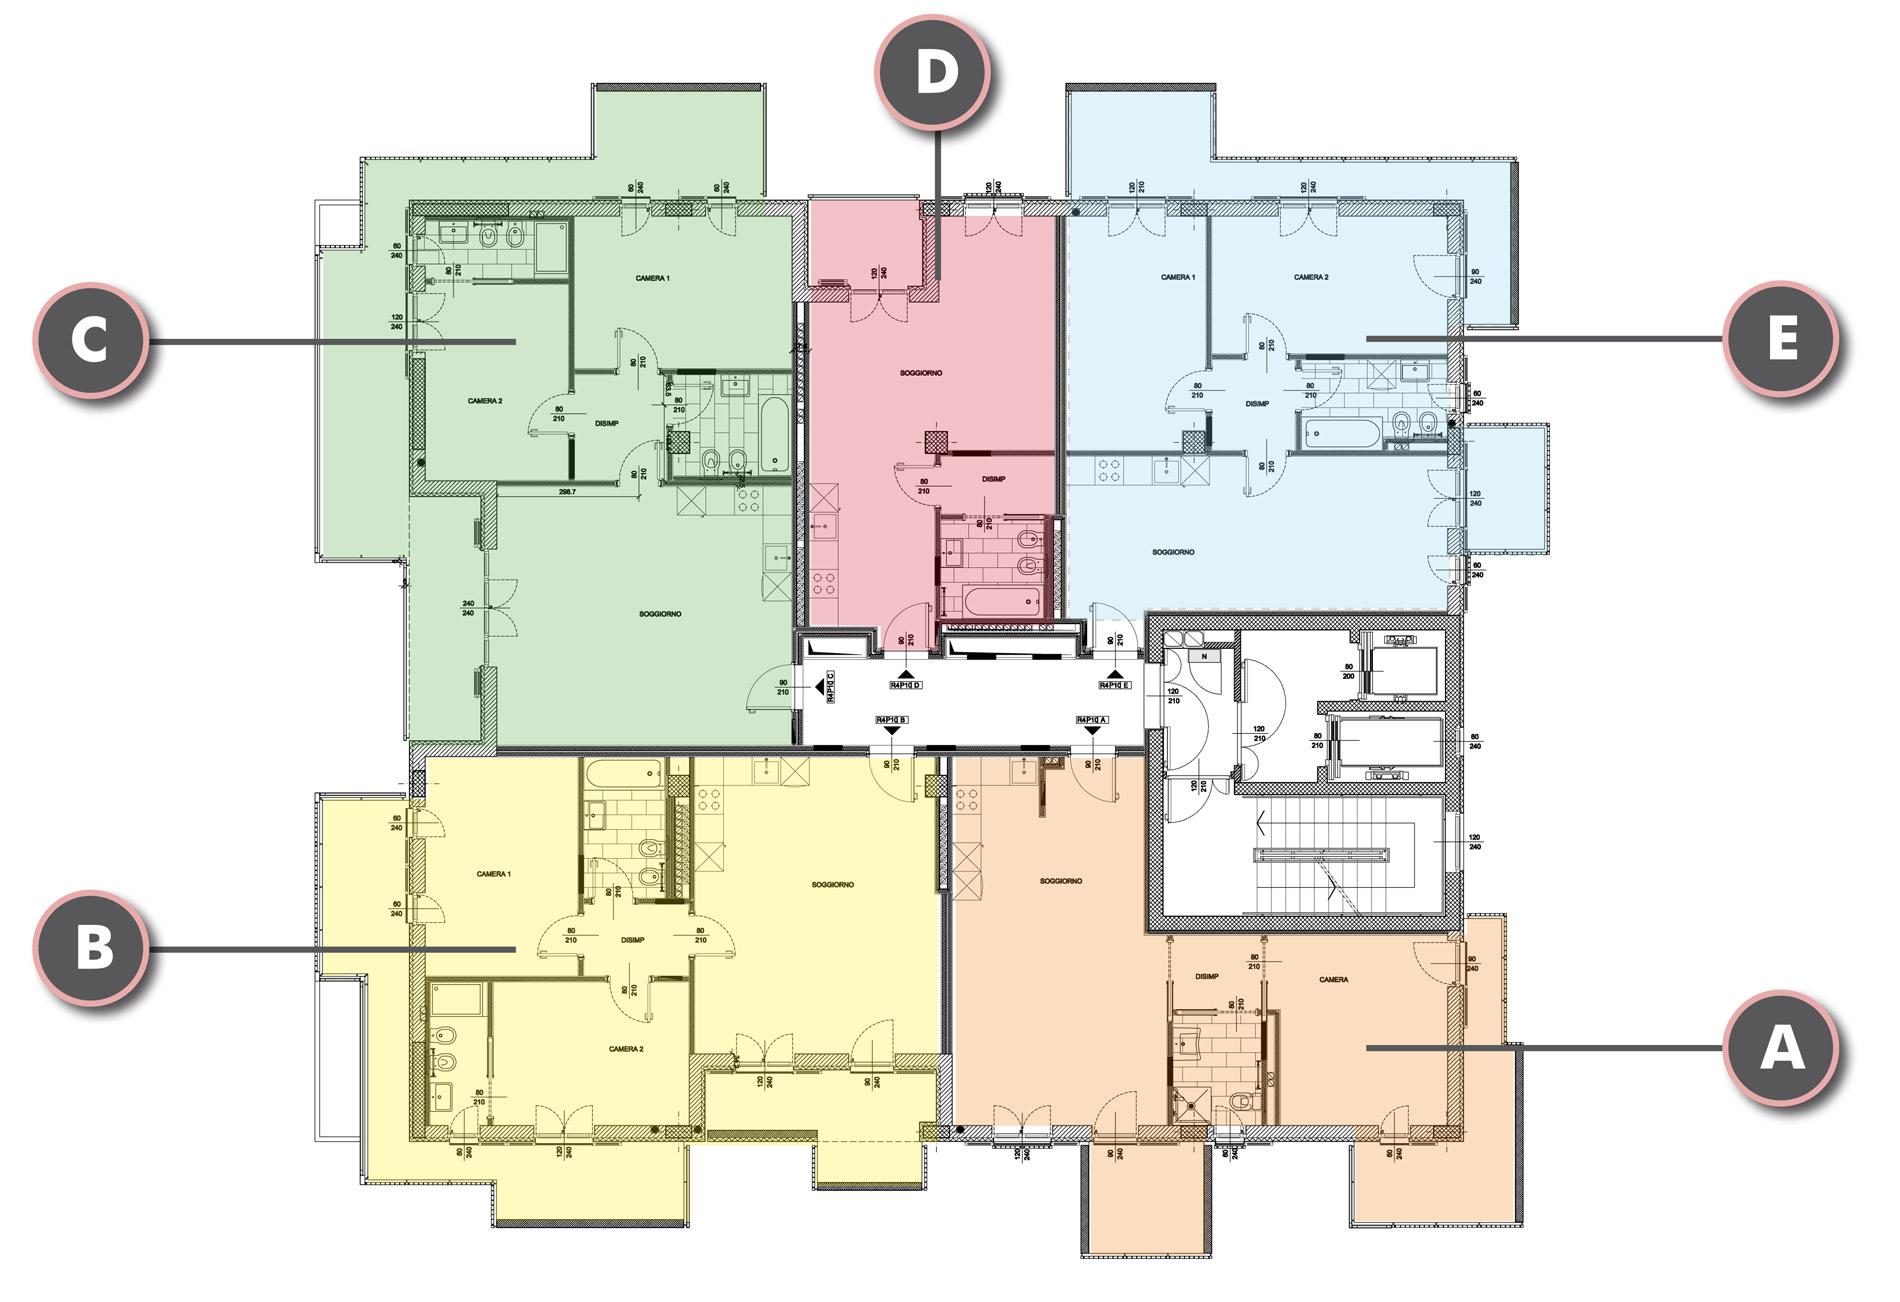 Edificio R4 - Piano Decimo